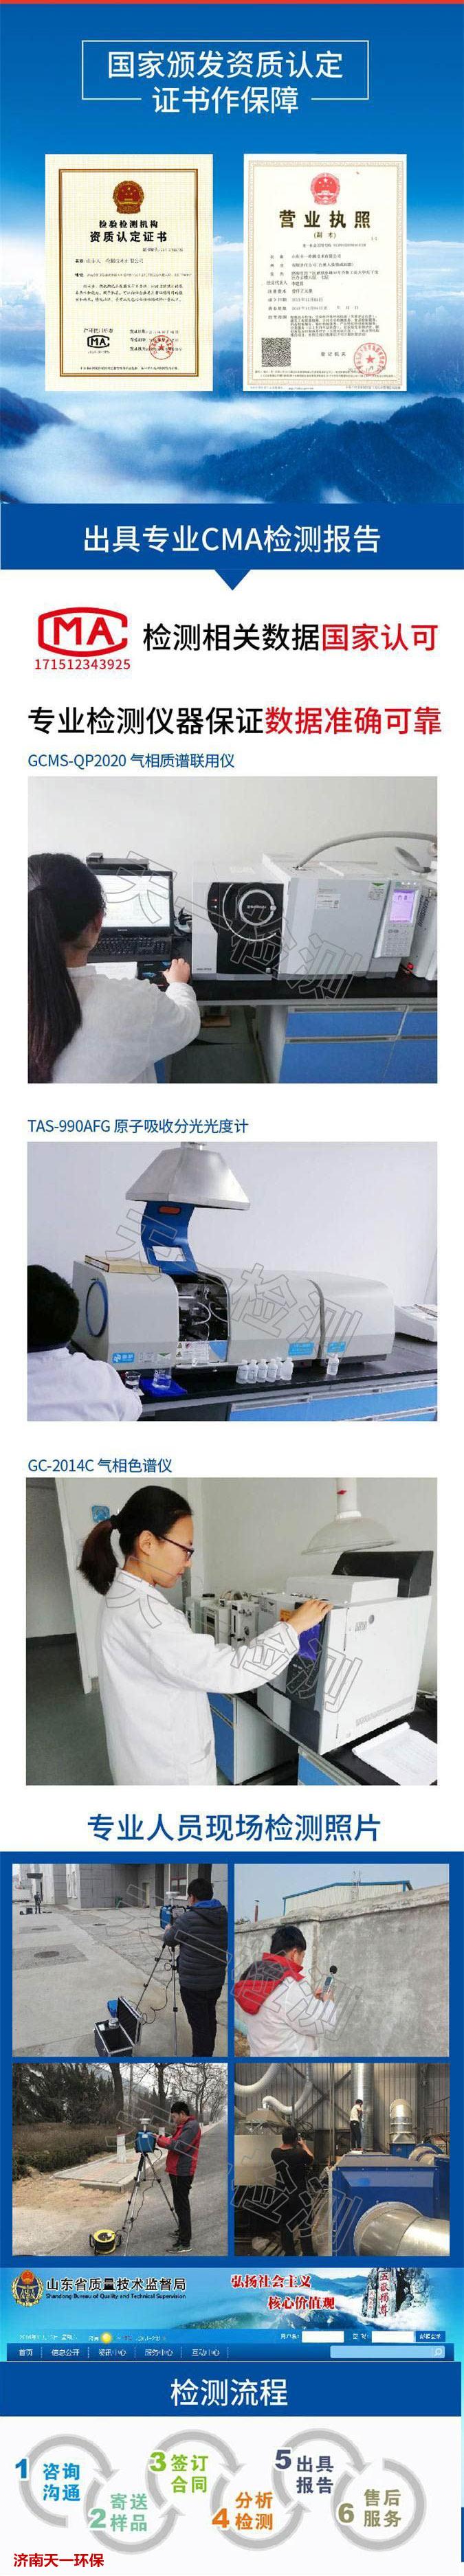 http://www.jinanjianbanzhewan.com/liuxingshishang/52730.html